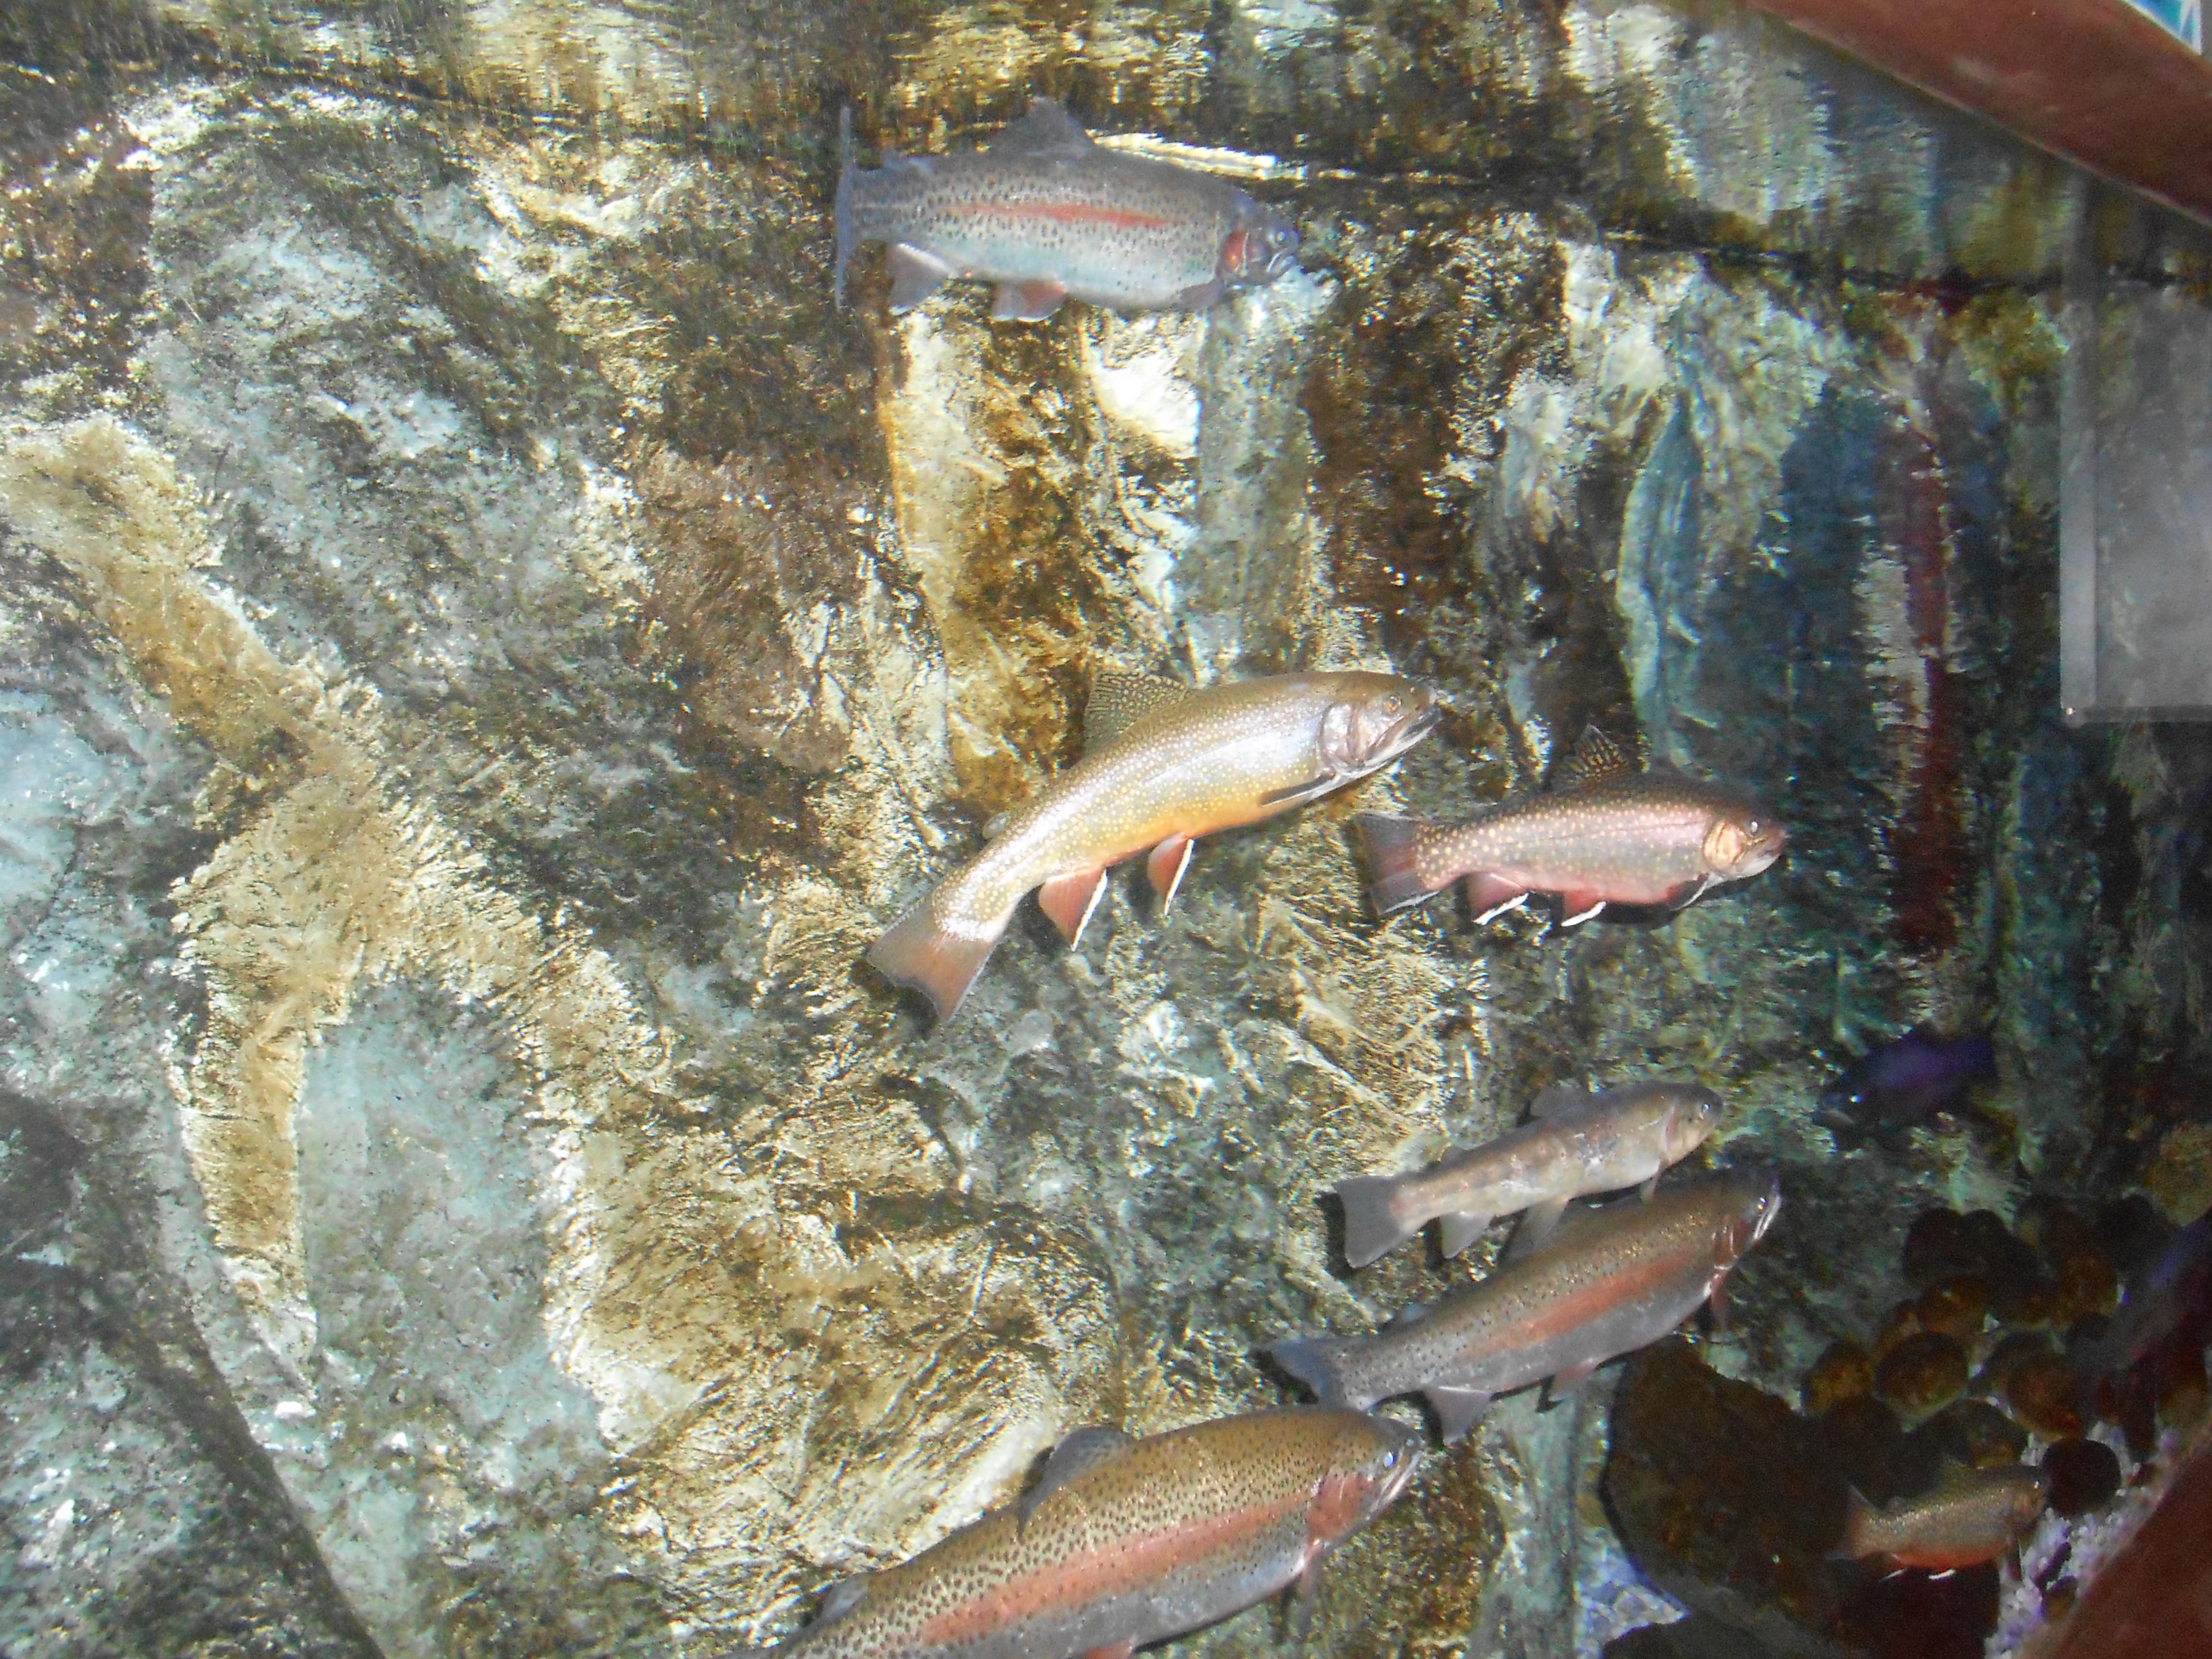 A la decouverte du domaine de vendresse ecole primaire for Nourrir des poissons rouges